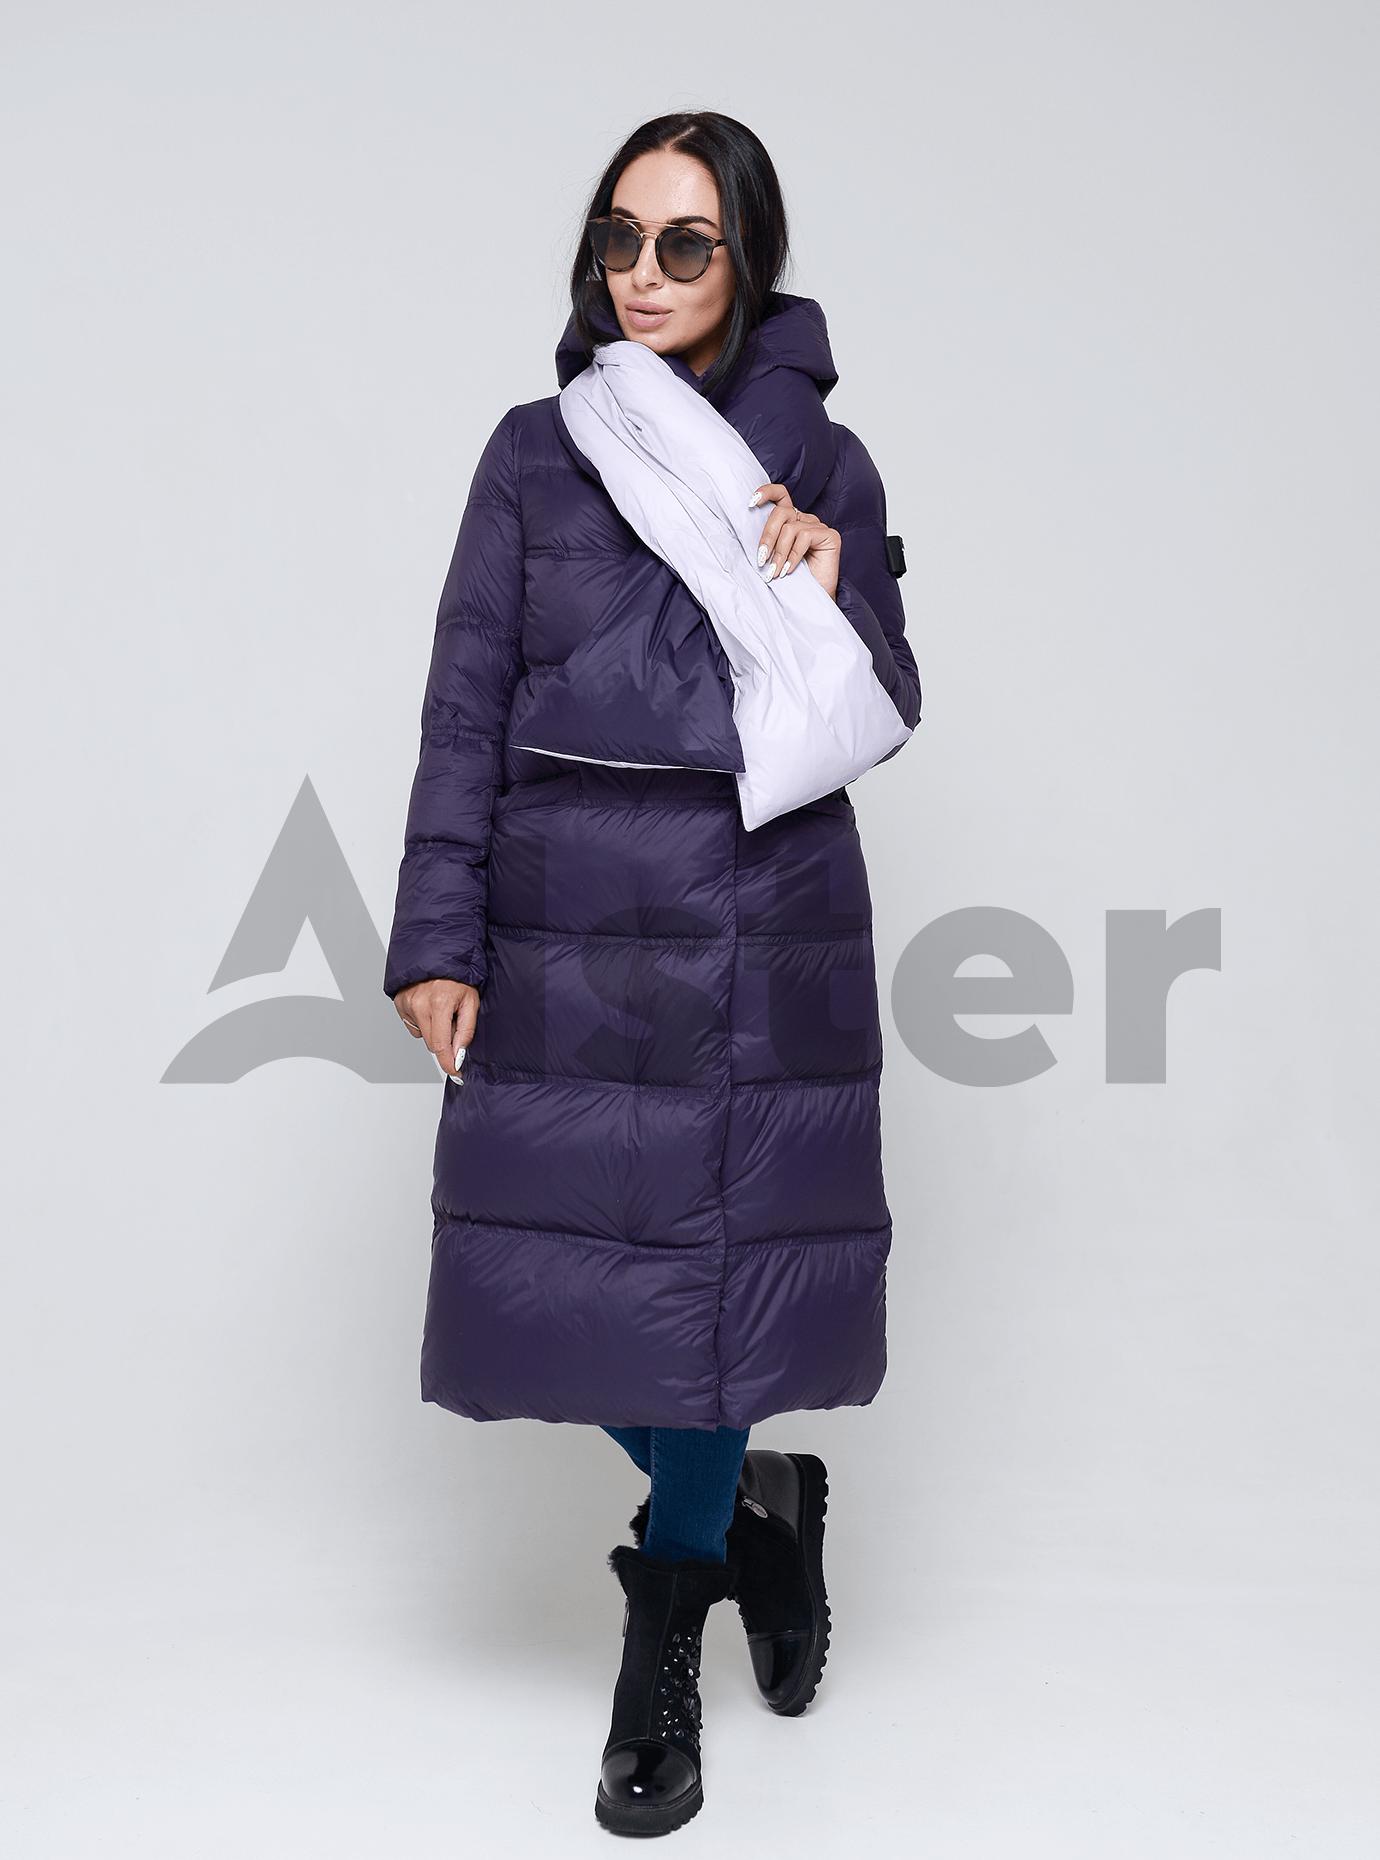 Пуховик женский с капюшоном Фиолетовый XL (01-9041): фото - Alster.ua